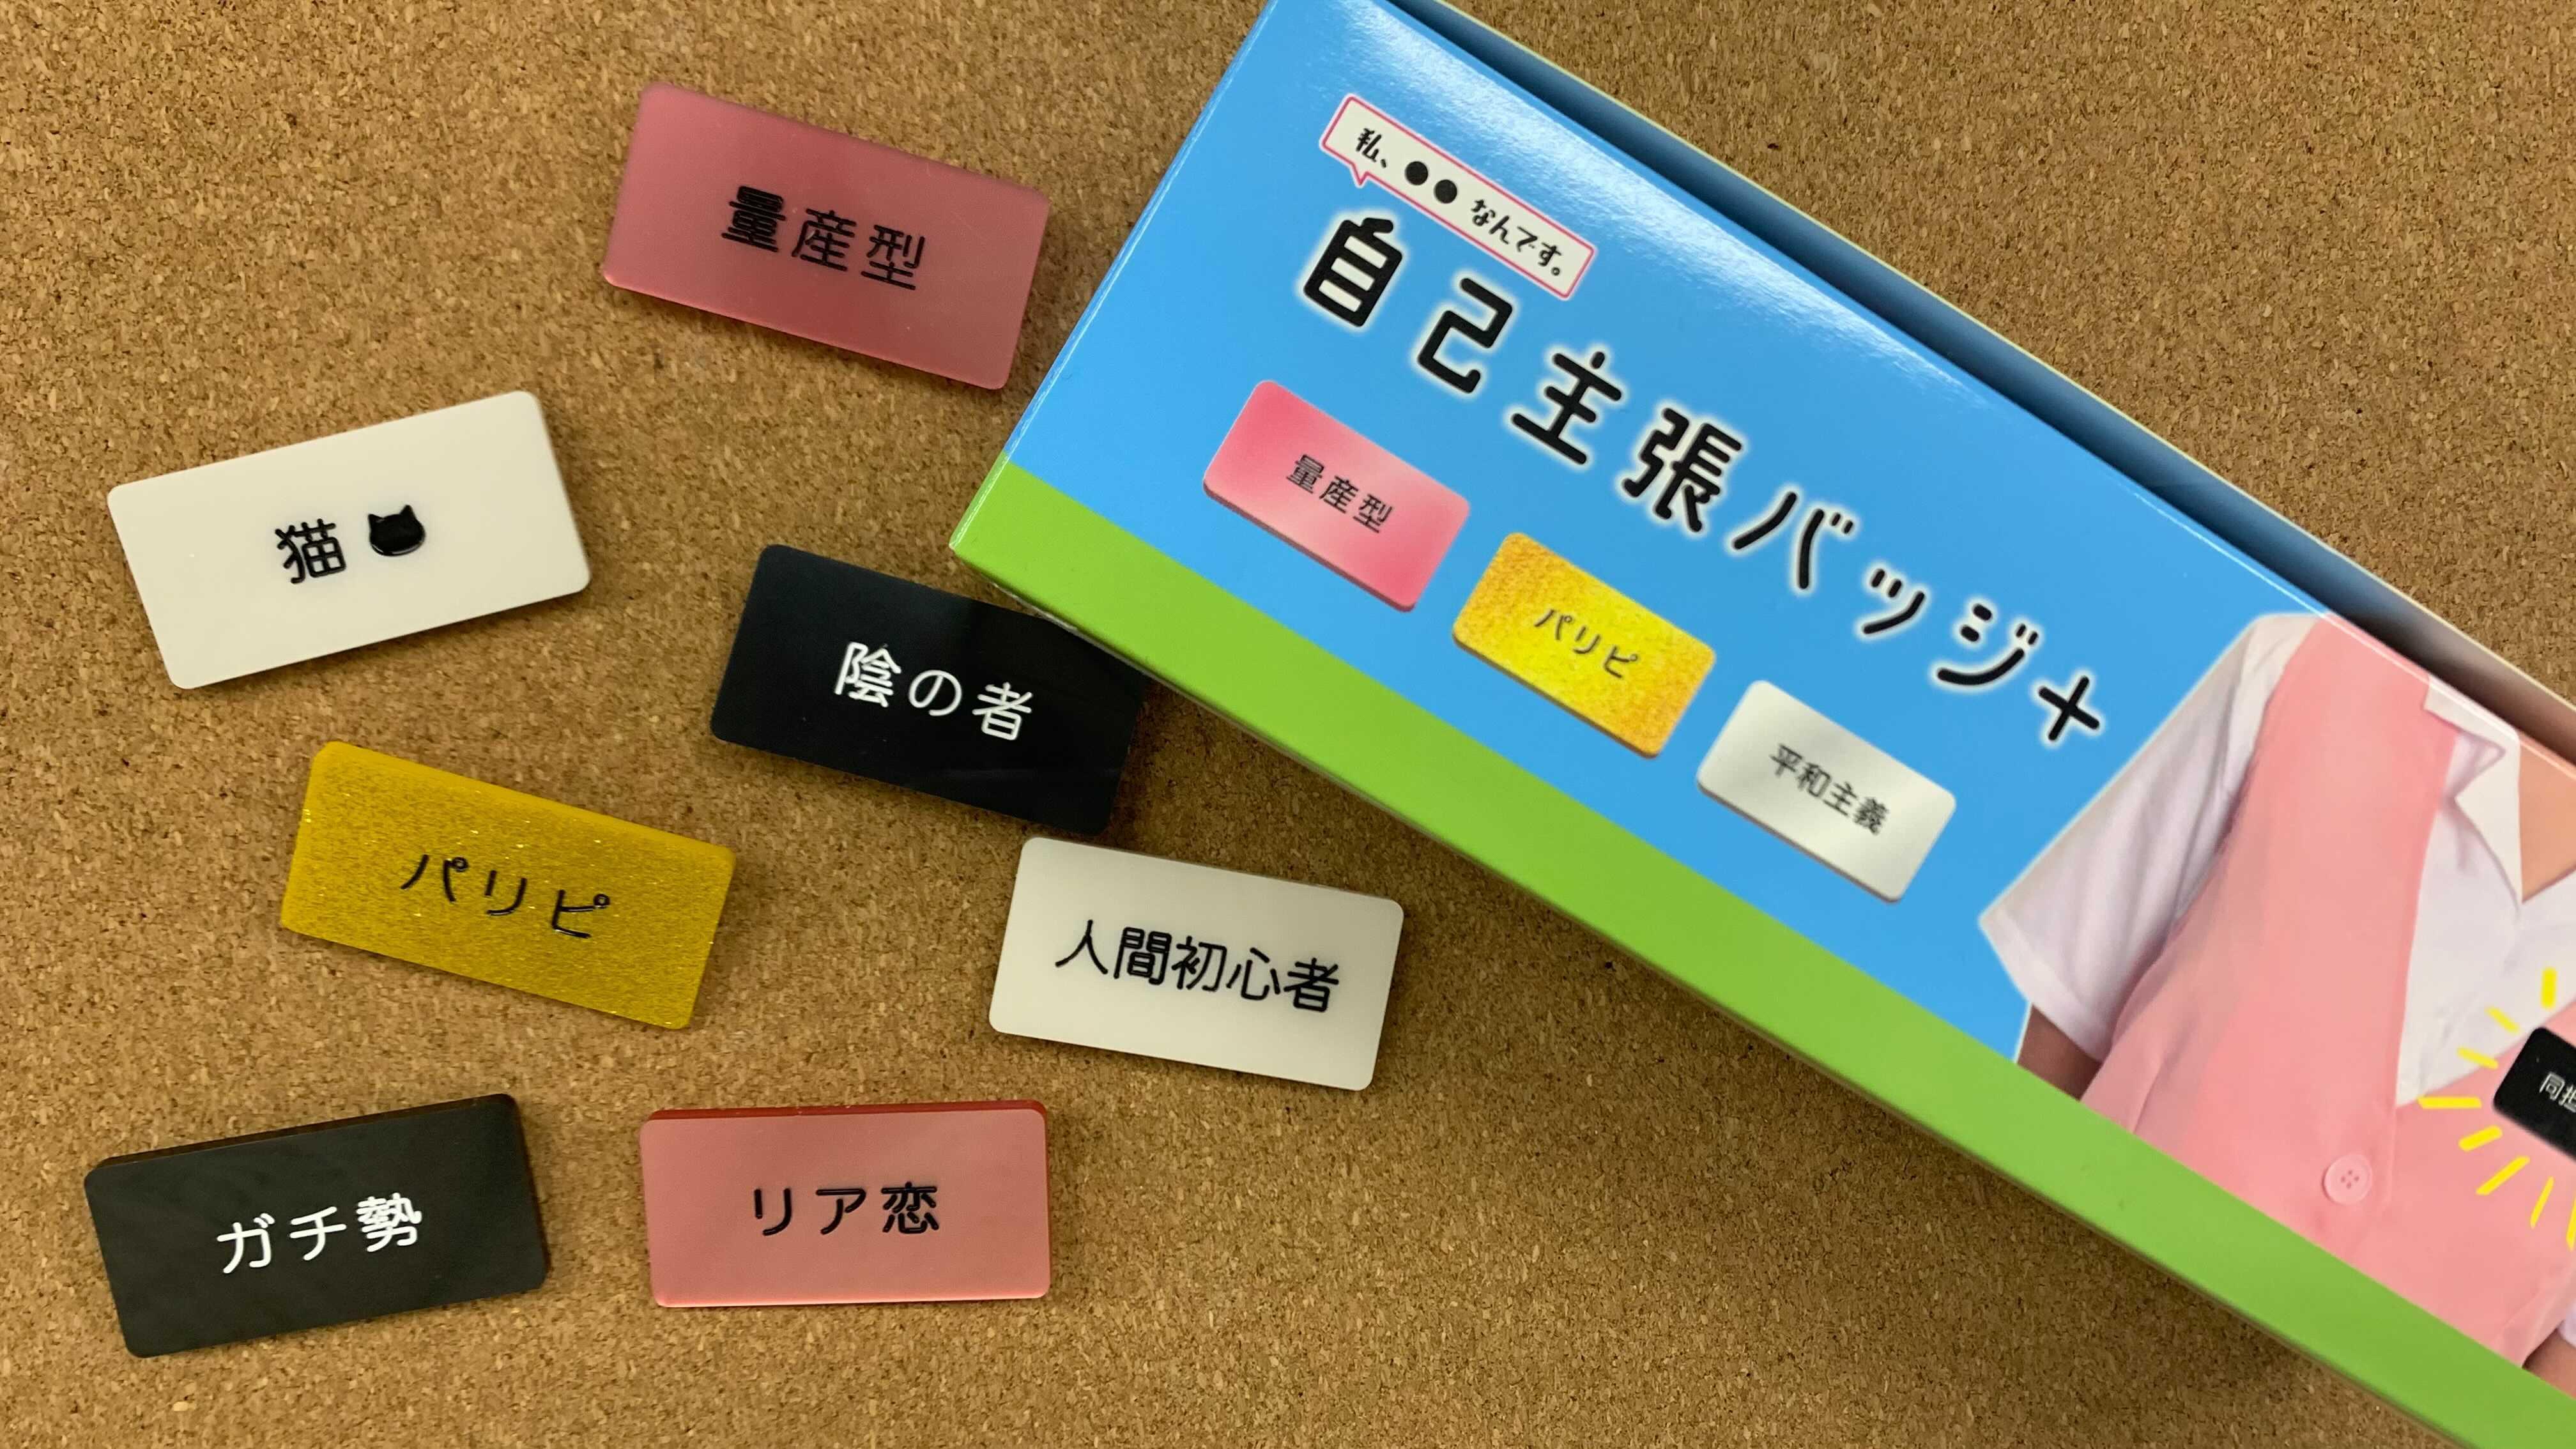 【お知らせ】1月20日10:00に新商品が登場!